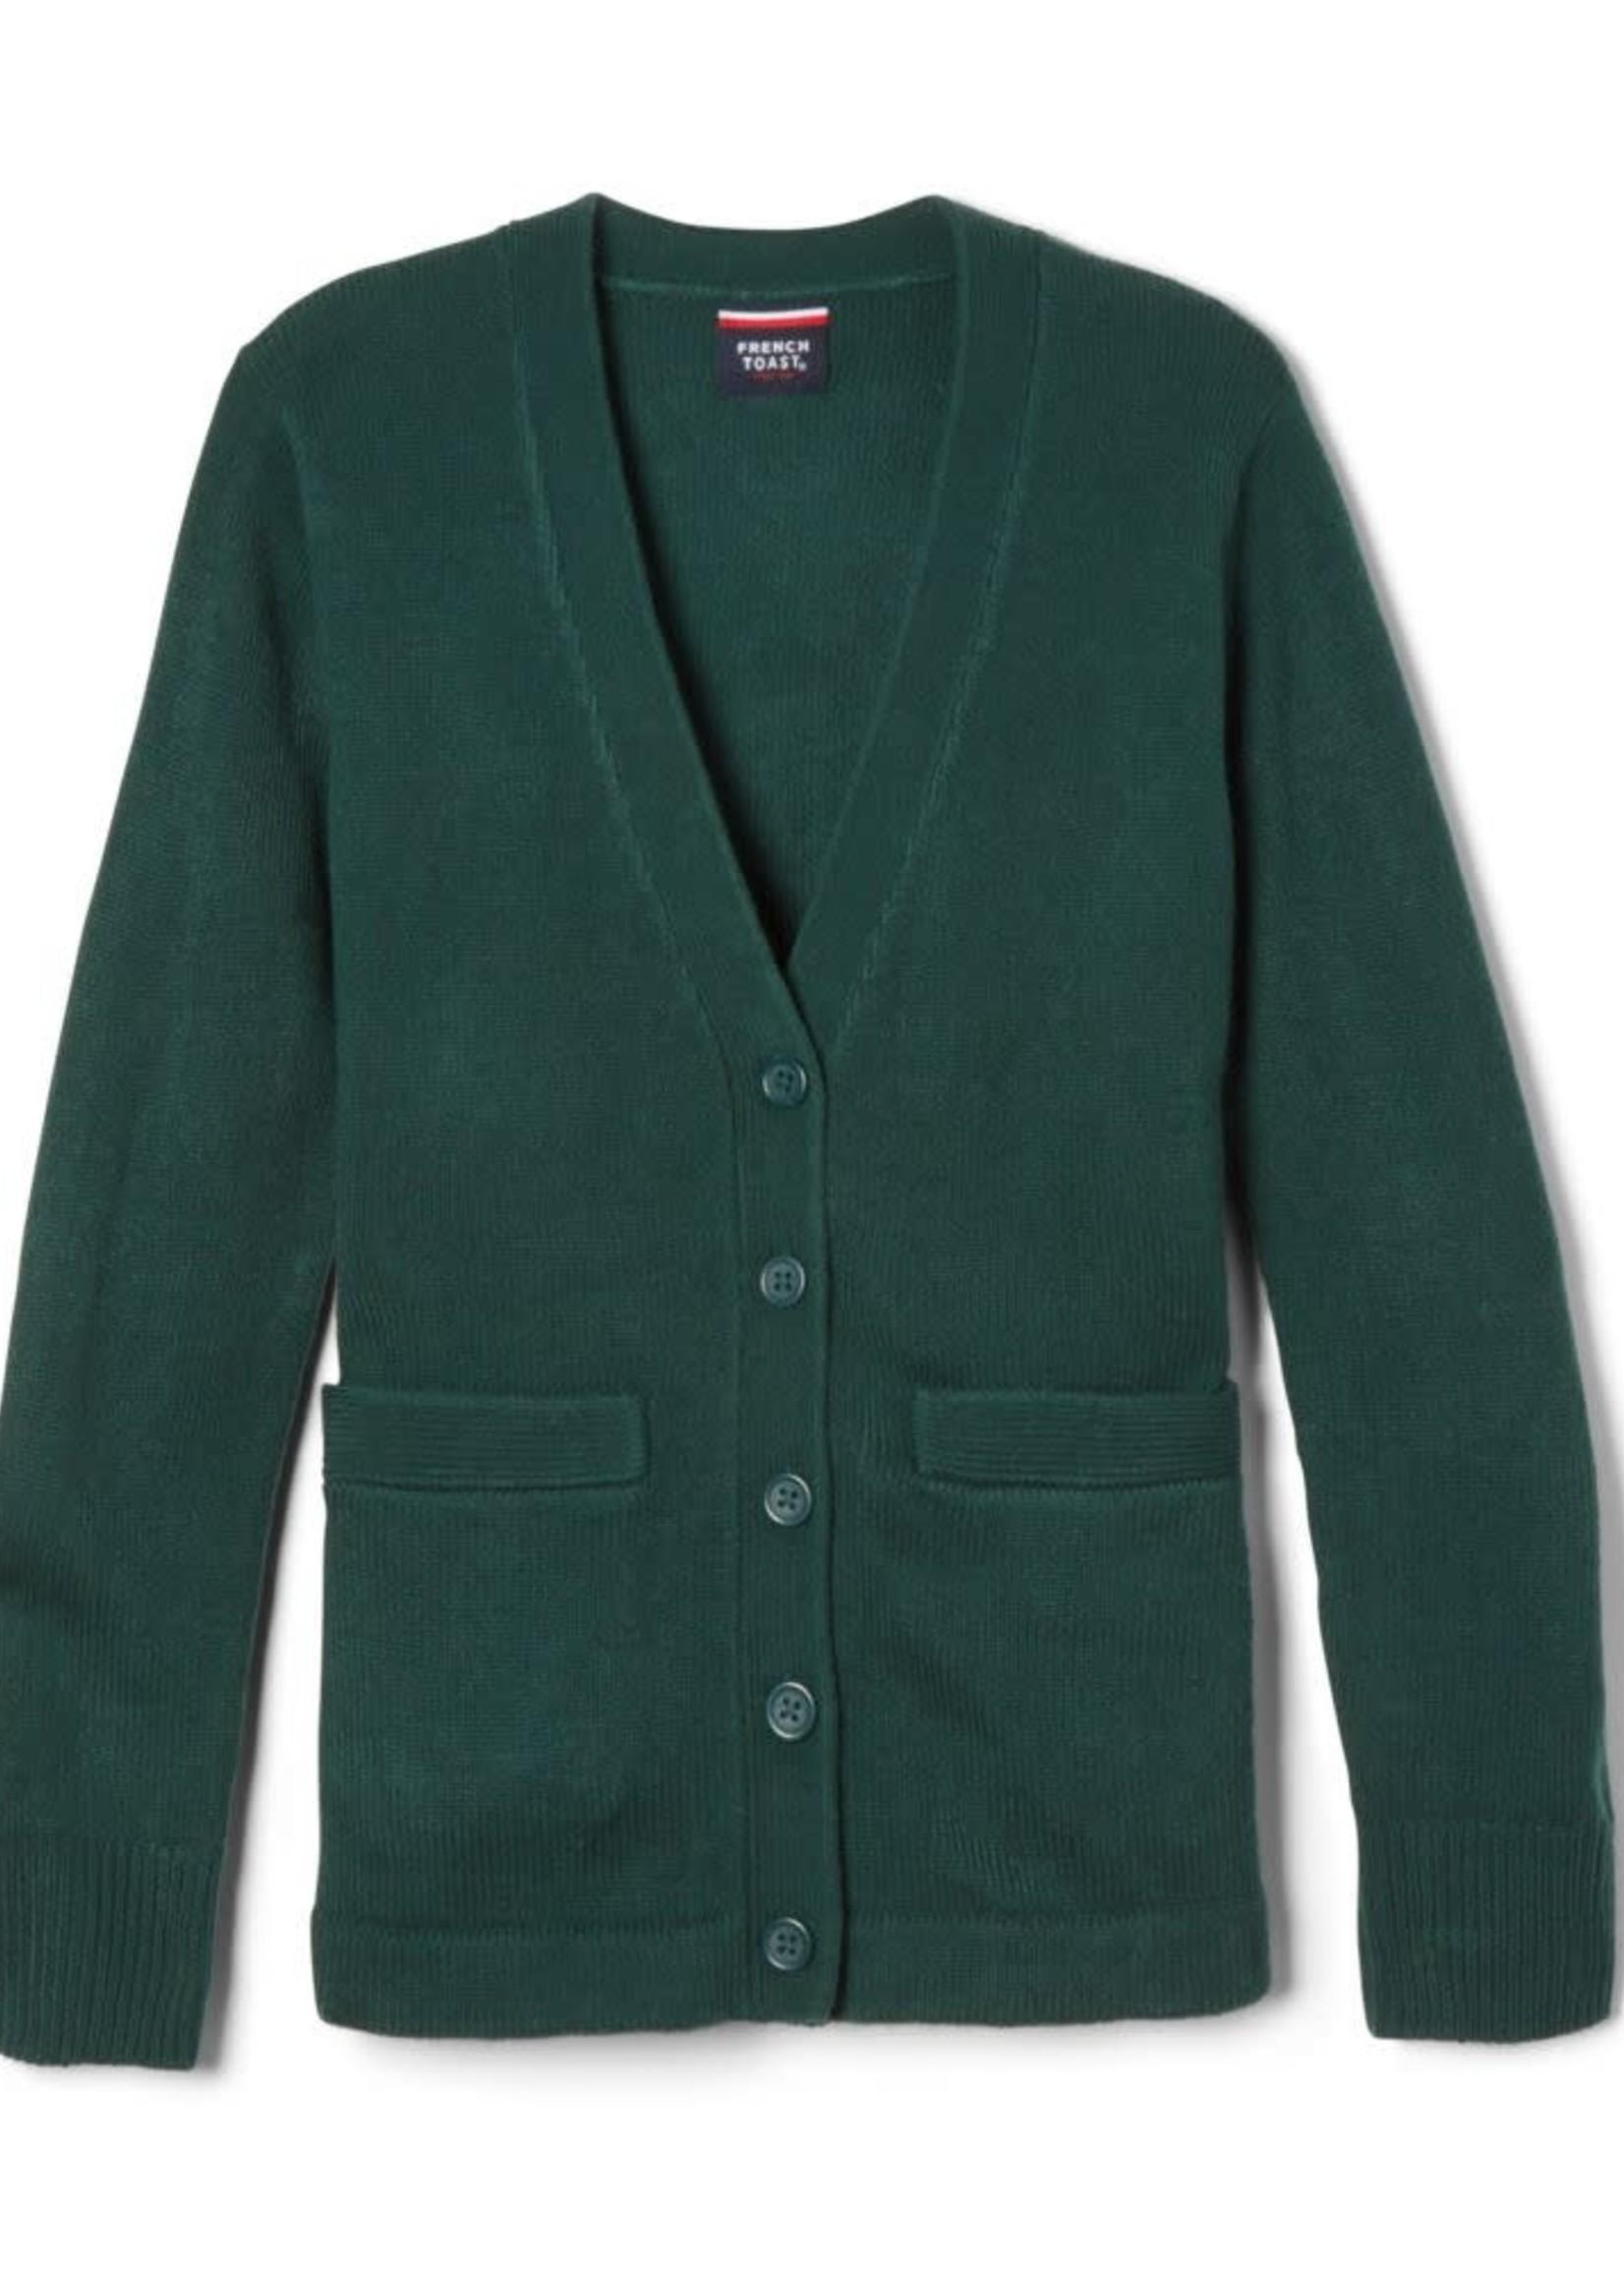 SMTA Forest Cardigan V-neck with pocket